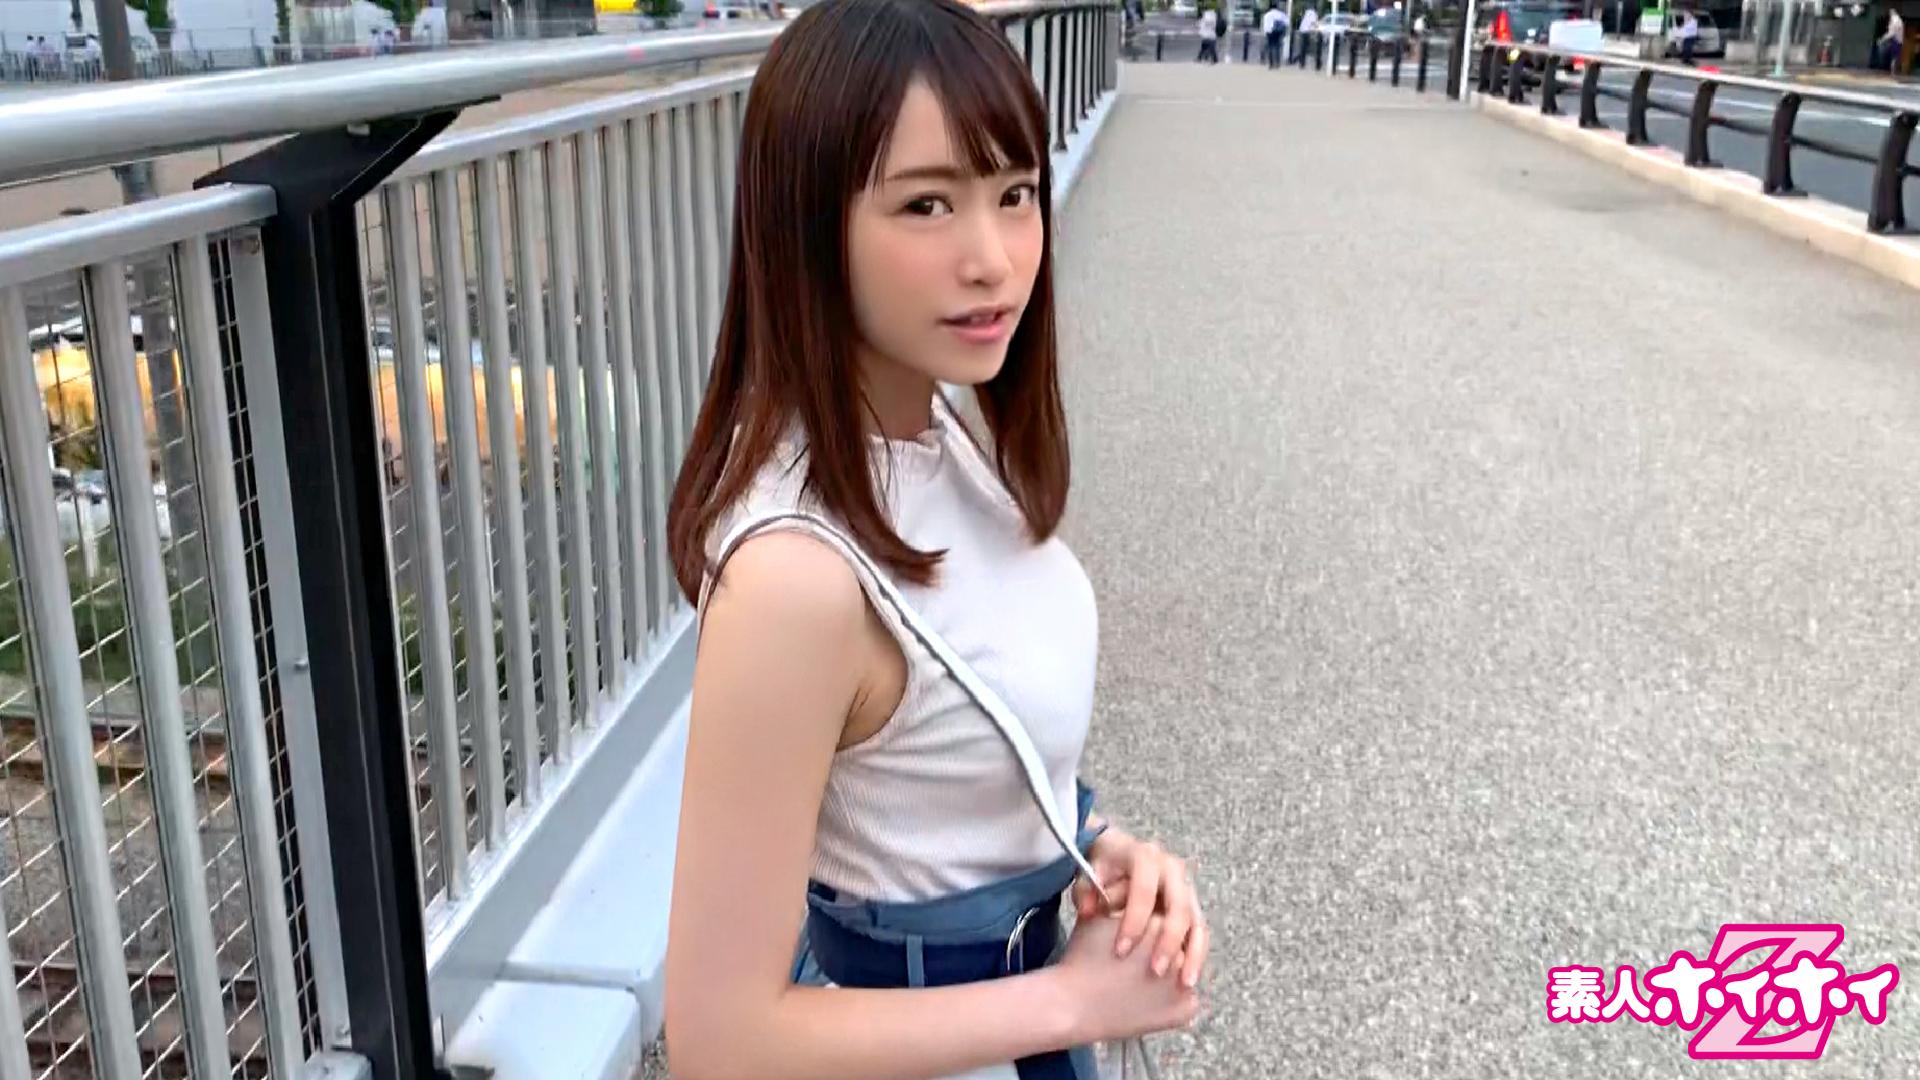 【サンプル動画】タレント志望 22歳 ゆう(桐山結羽)